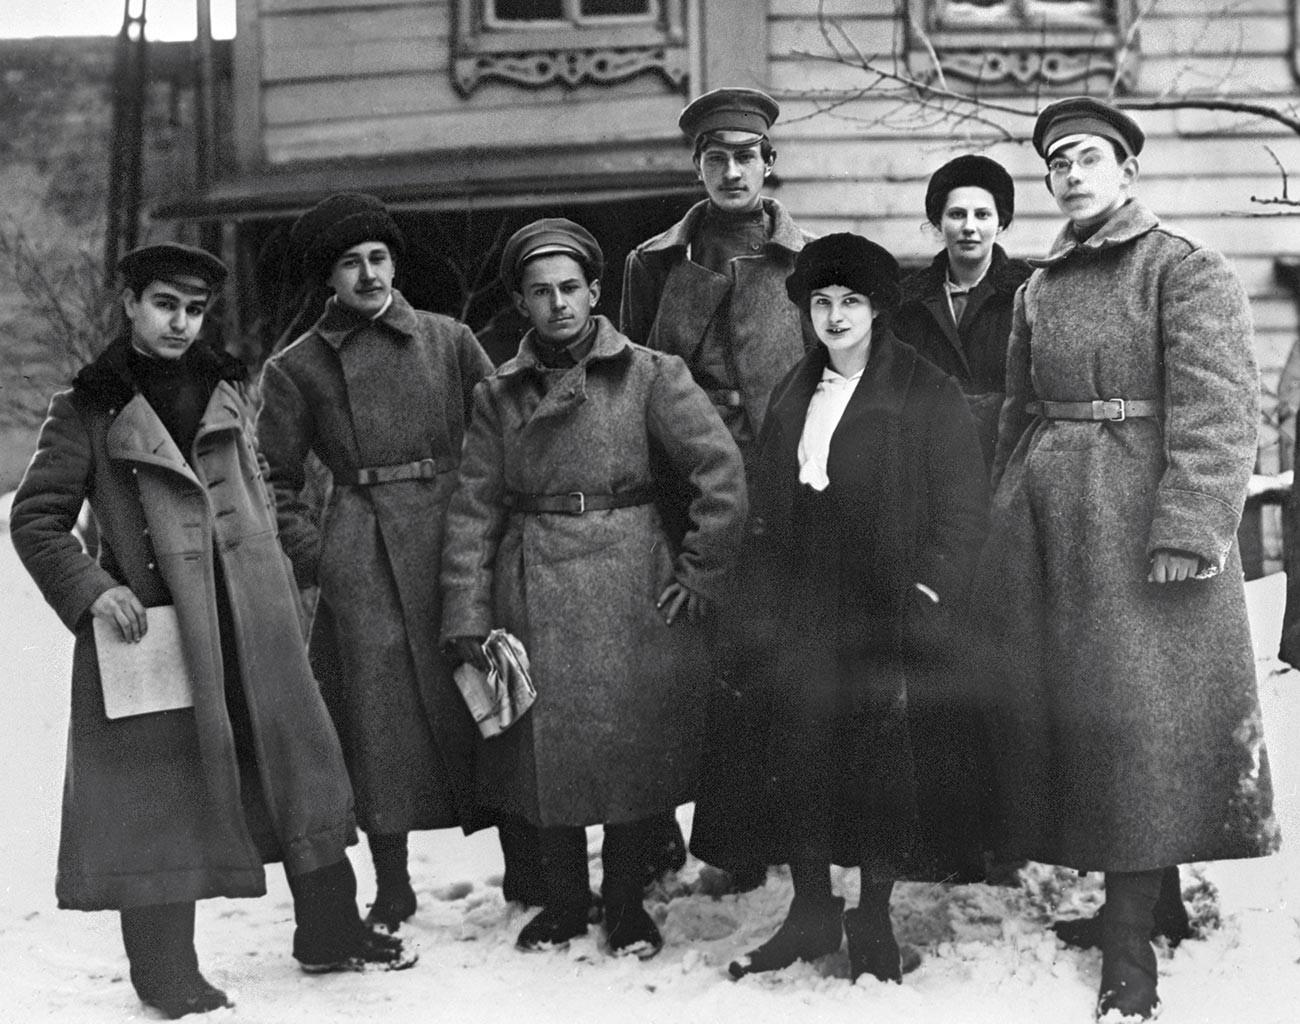 Група првих организатора Савеза омладине, учесника Првог сверуског конгреса Савеза пролетерске омладине.